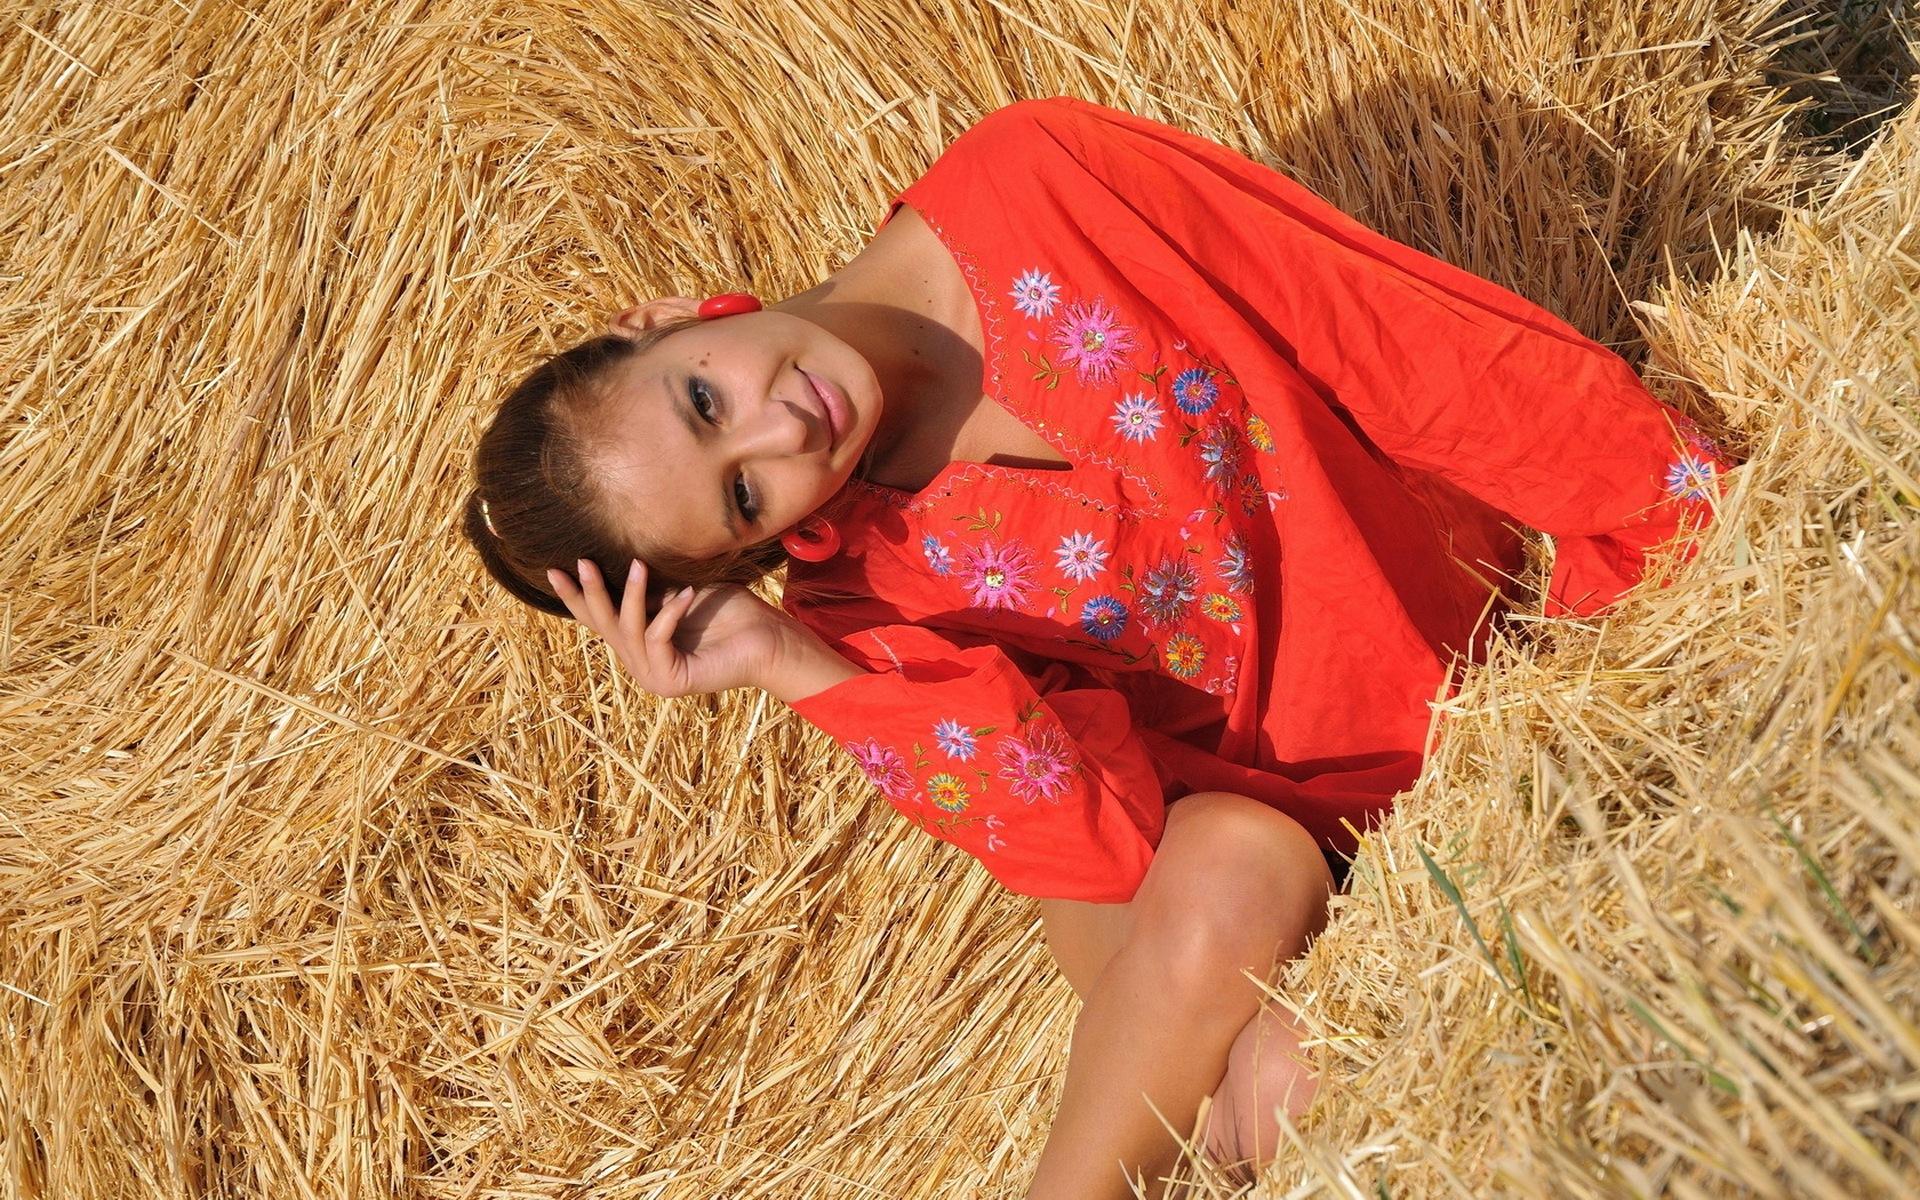 Фото деревенских красоток, самые красивые мулатки девушки фото